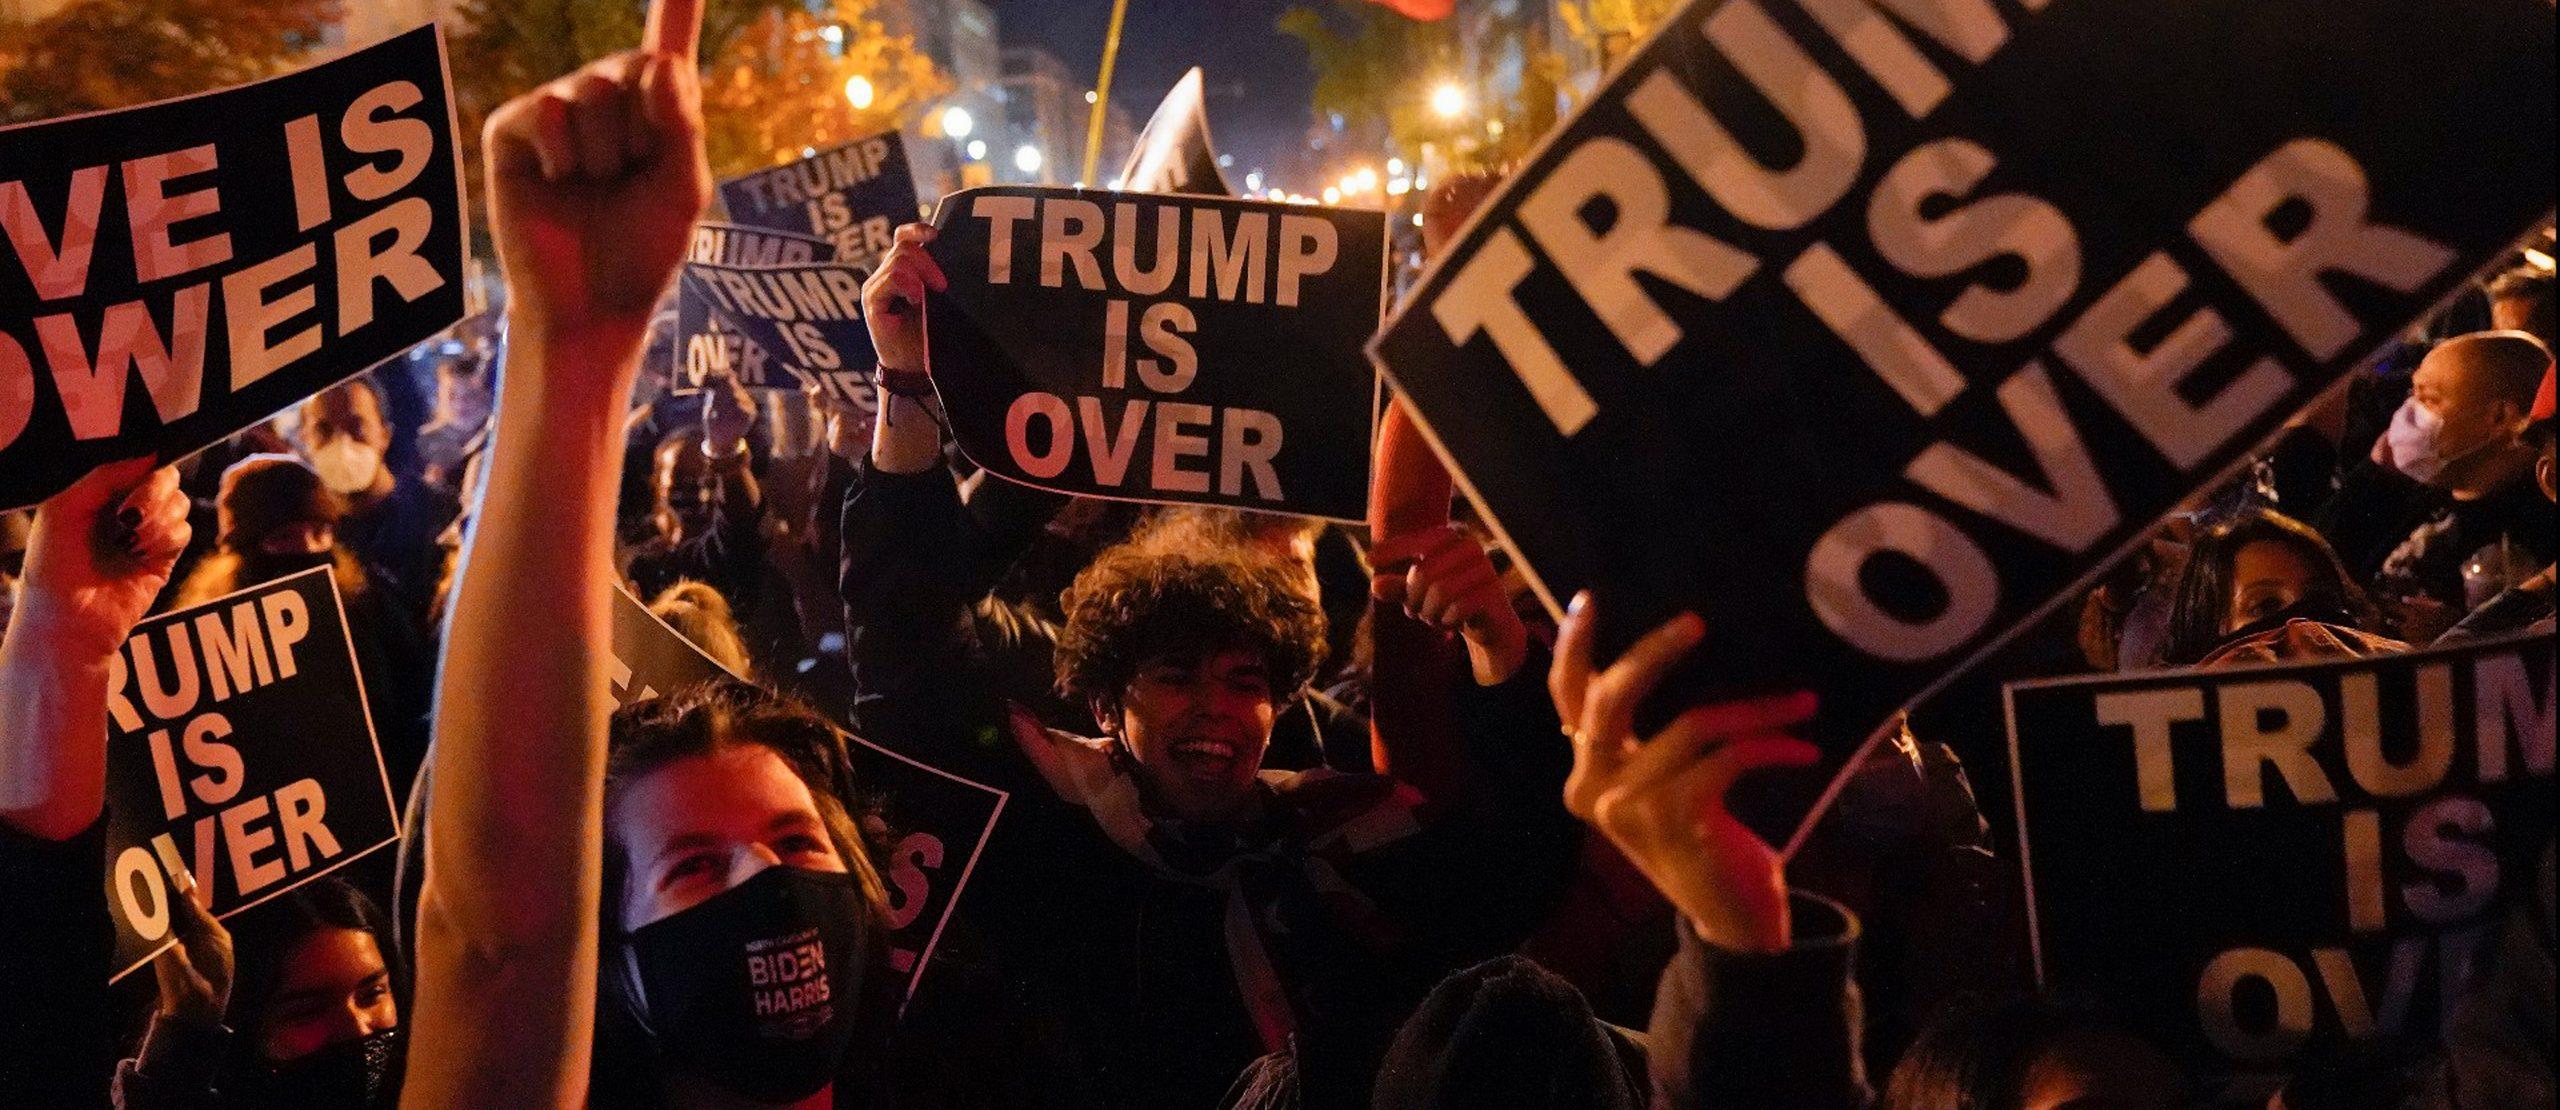 ventdouxprod 2020 Nicolas Barbier : article sur le programme de Joe Biden approuvé par 80 millions de citoyens américains